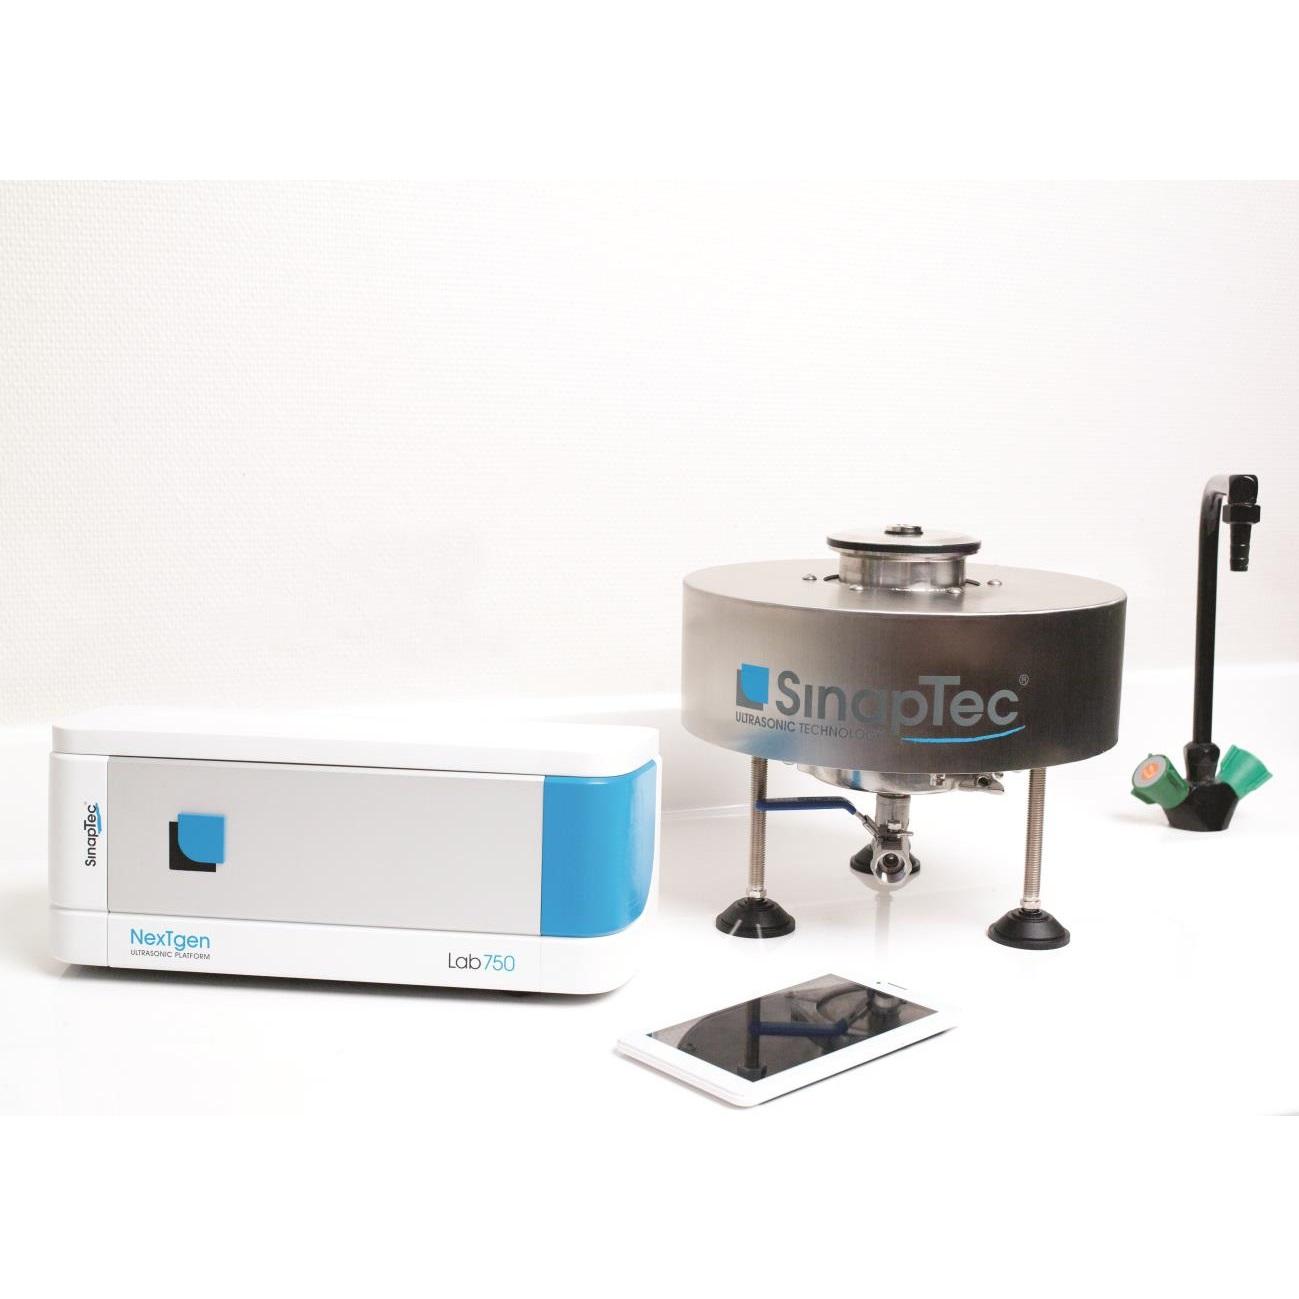 التراسونیک هموژنایزر NexTgen Lab750pipe